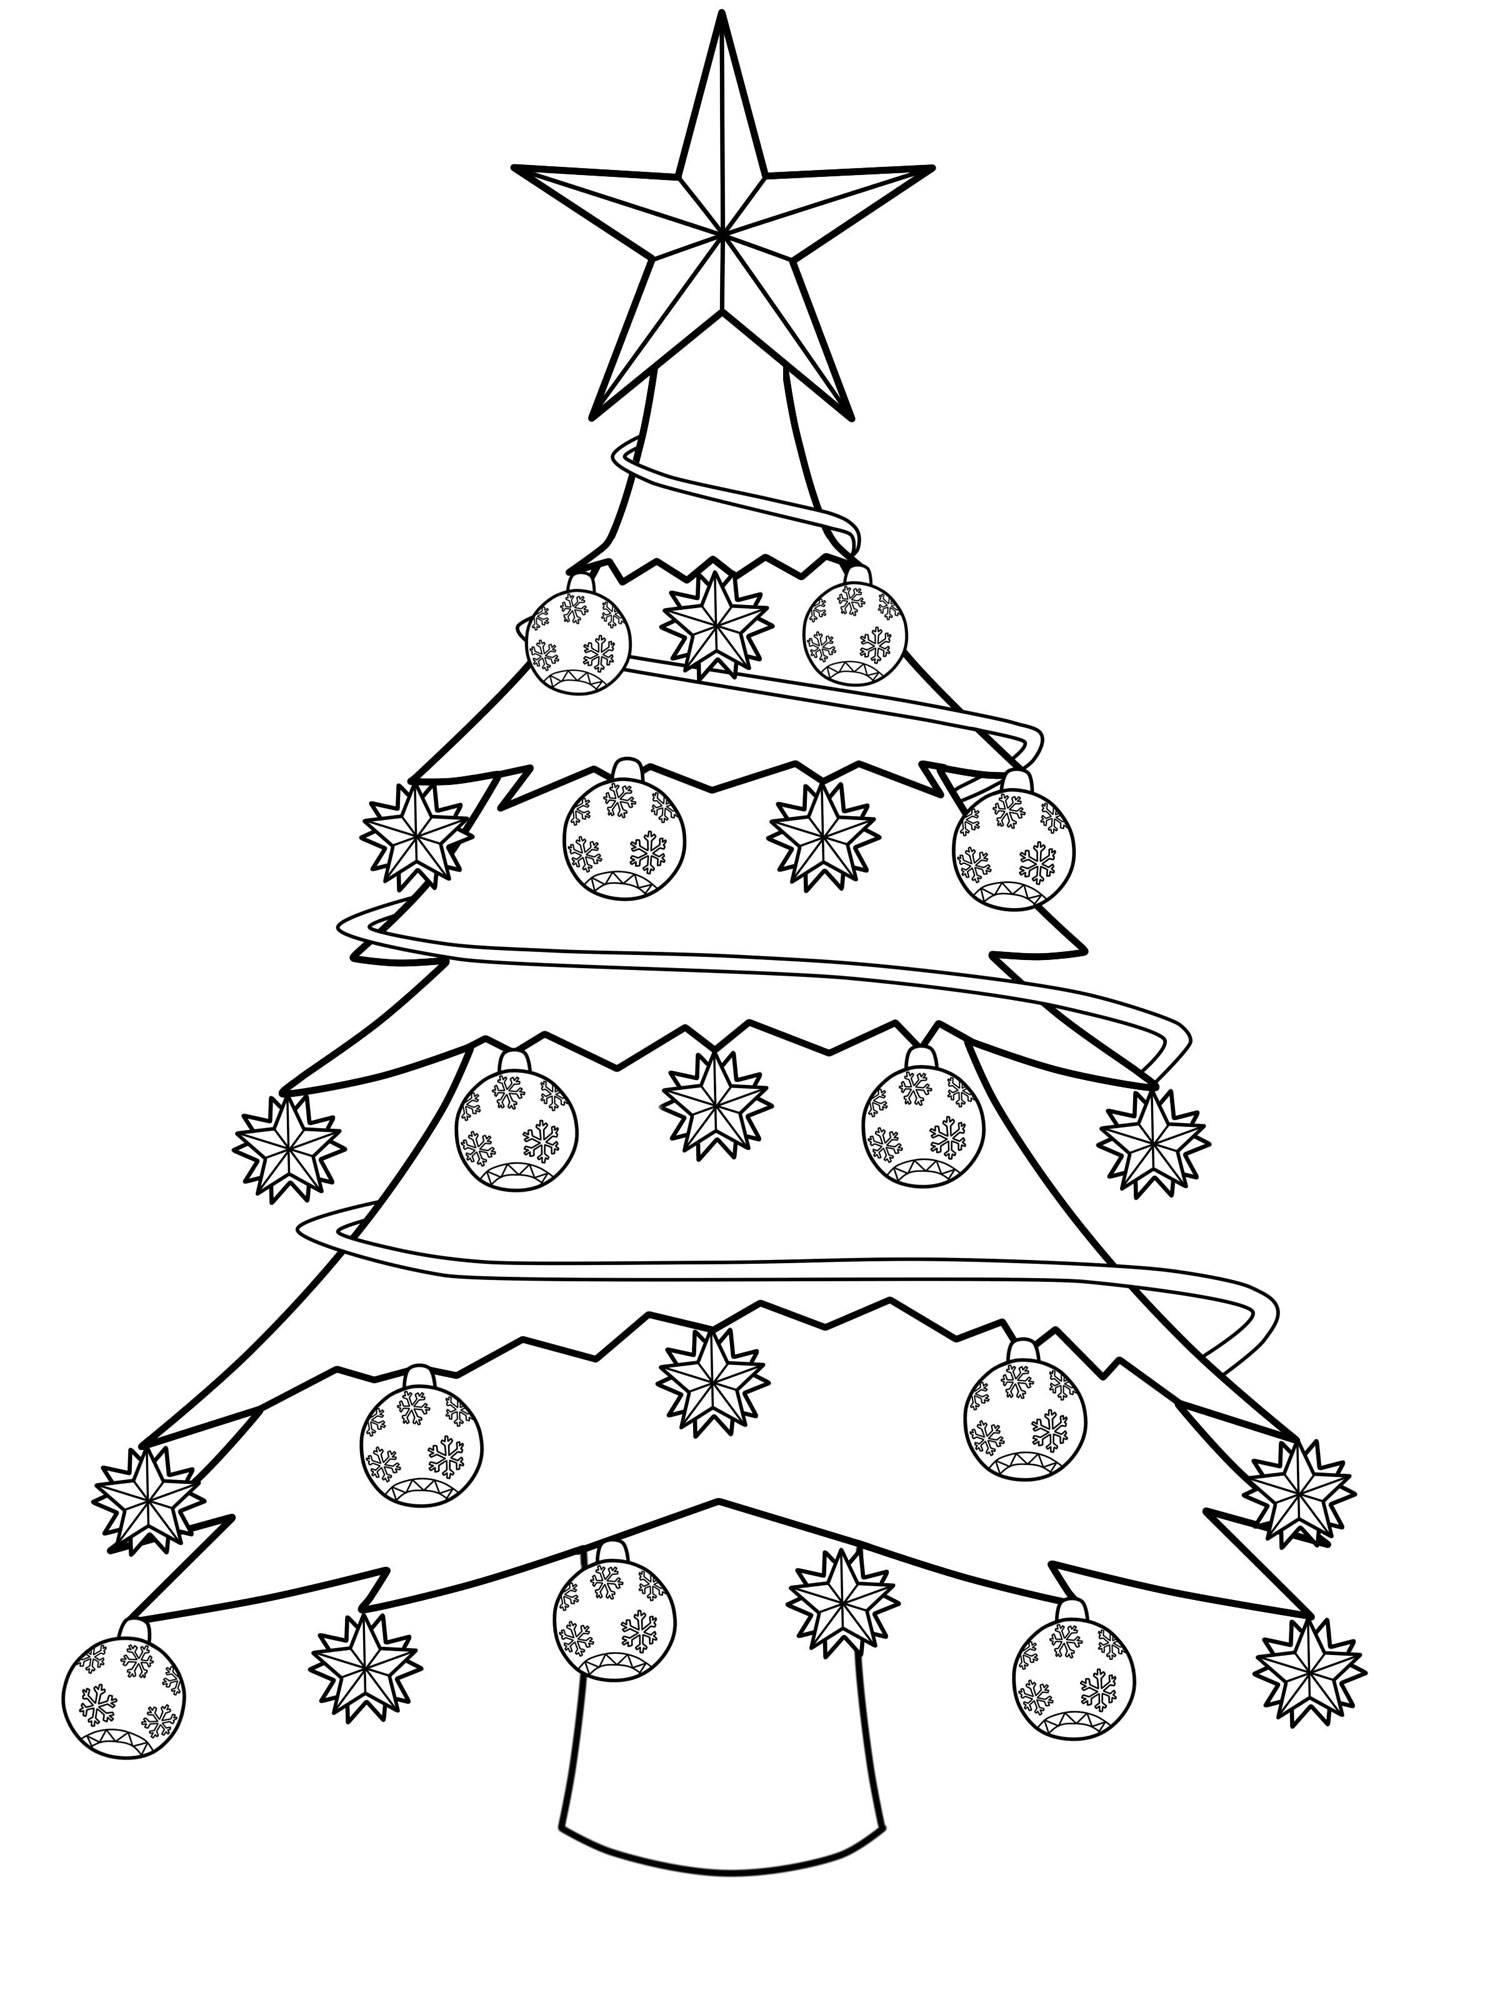 Malvorlage Tannenbaum Einfach Top Kostenlos Färbung